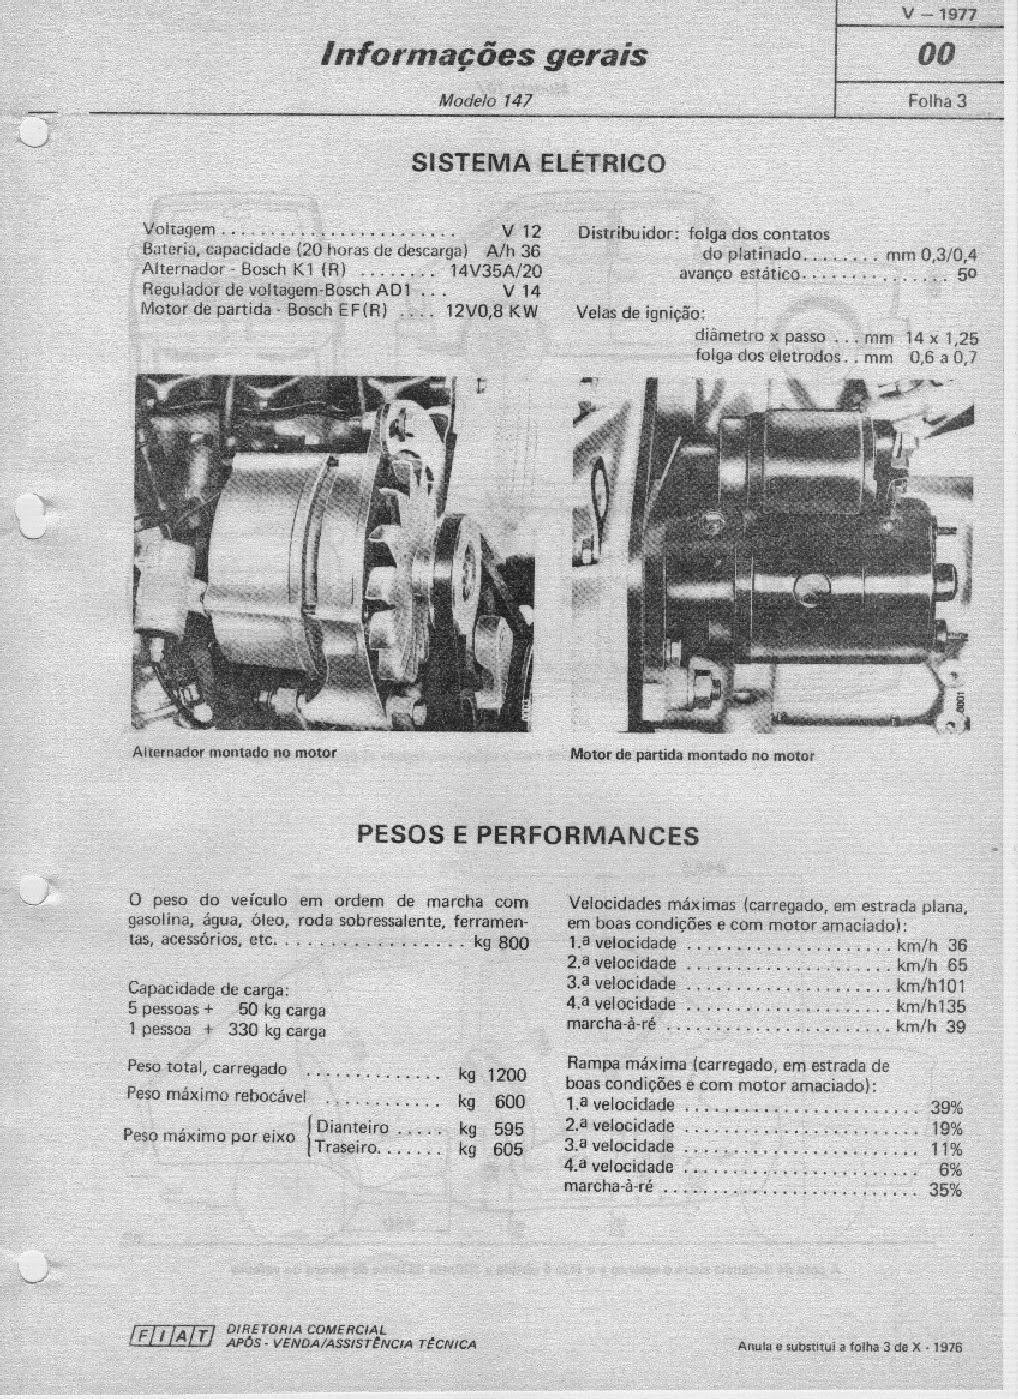 MANUAIS DO PROPRIETÁRIO: Manual de reparação FIAT 147